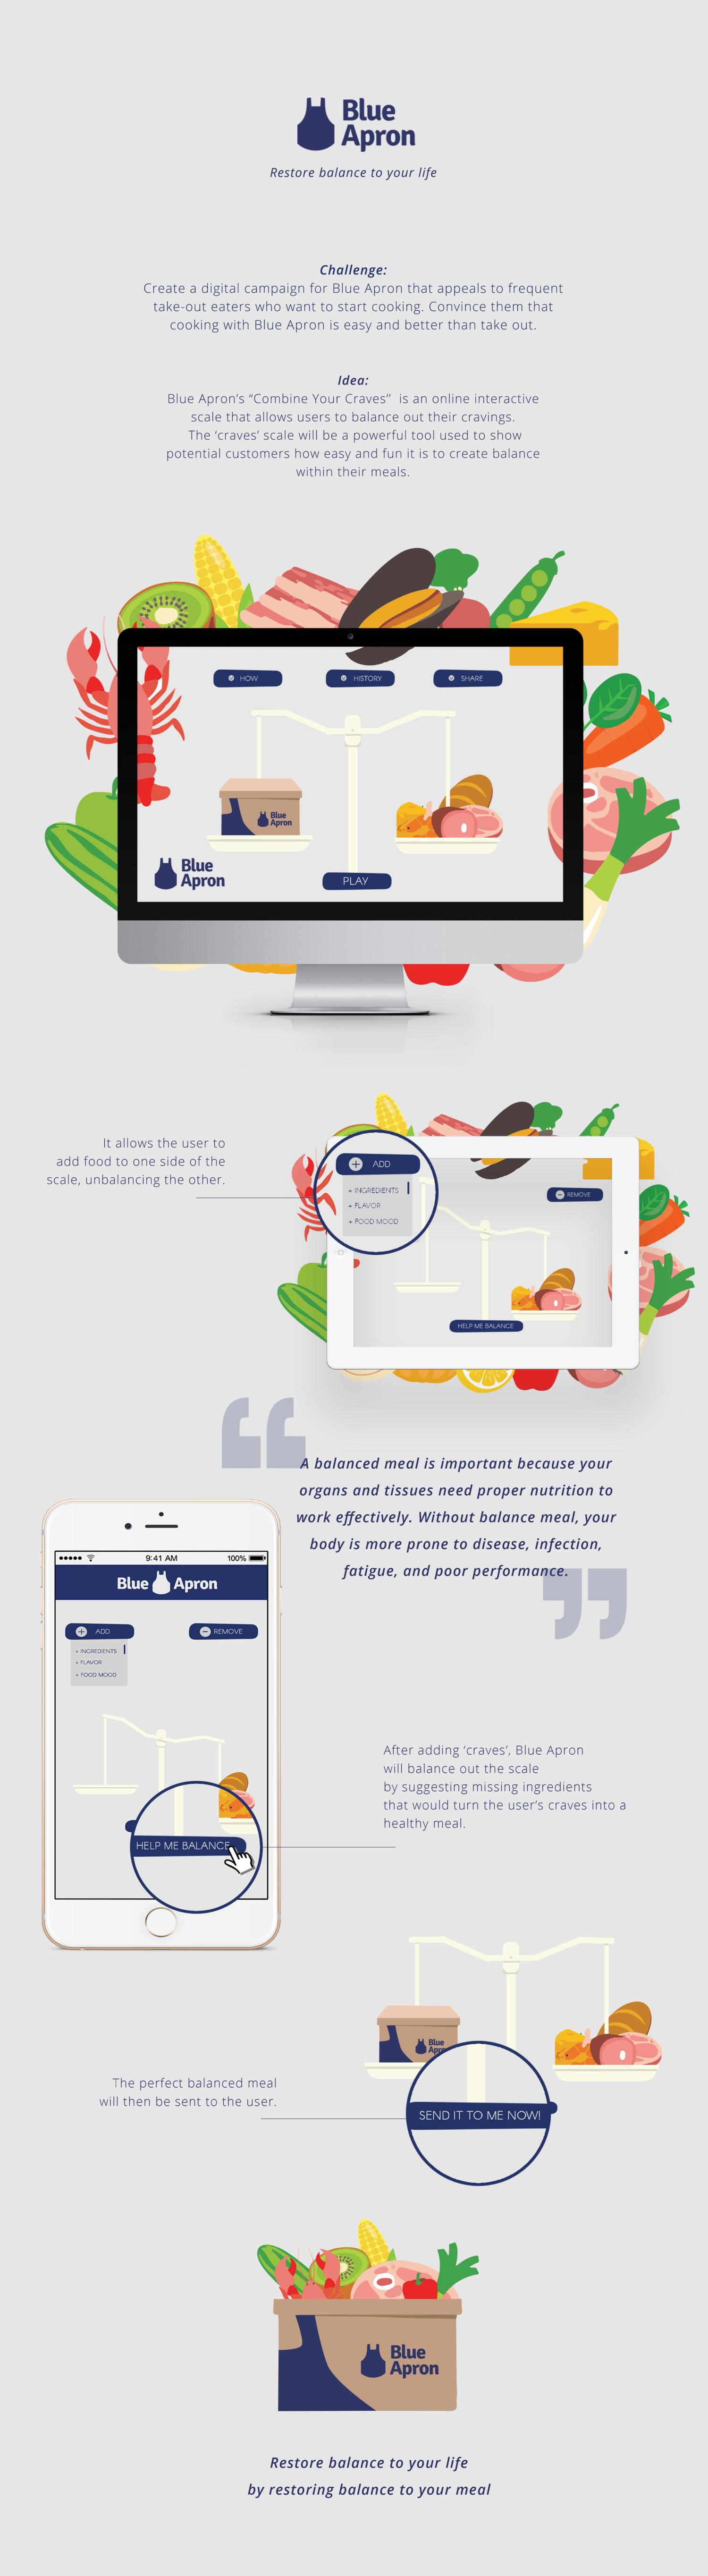 Blue apron healthy meals - Blue Apron 1 Png